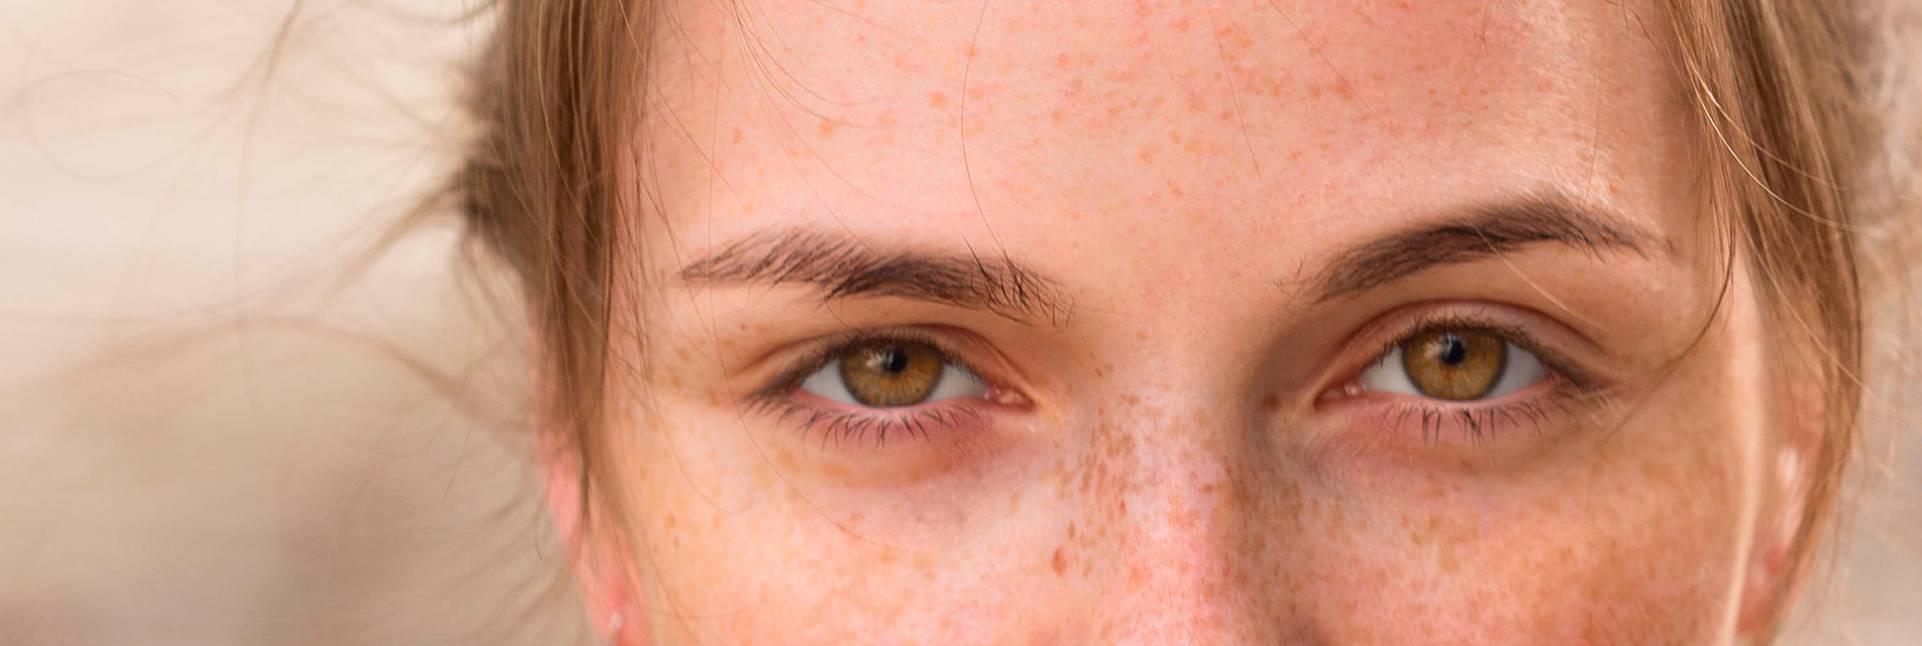 Cómo tratar las alergias oculares